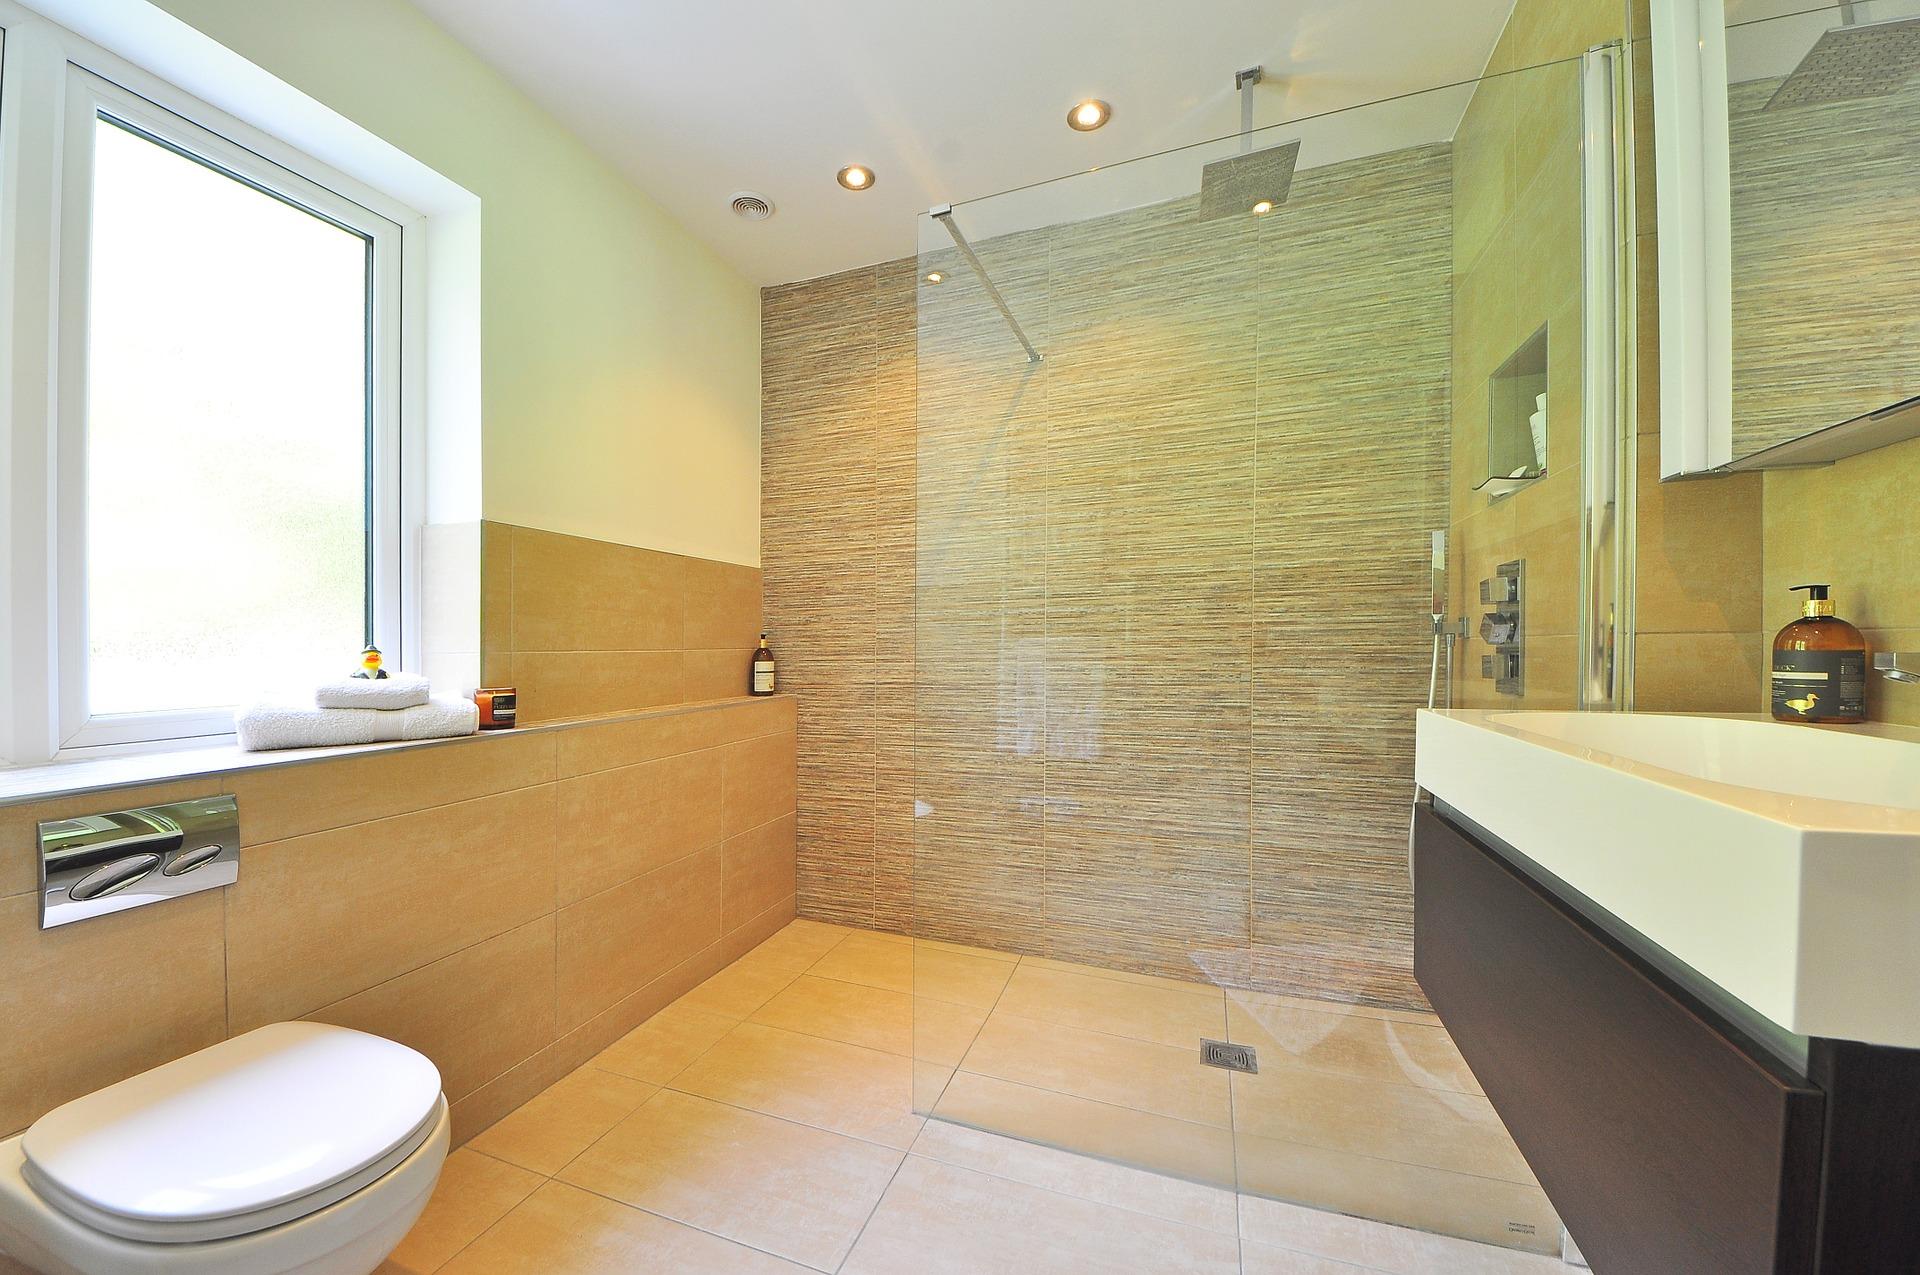 Comment remplacer un receveur de douche bricolage blog - Comment monter un receveur de douche ...